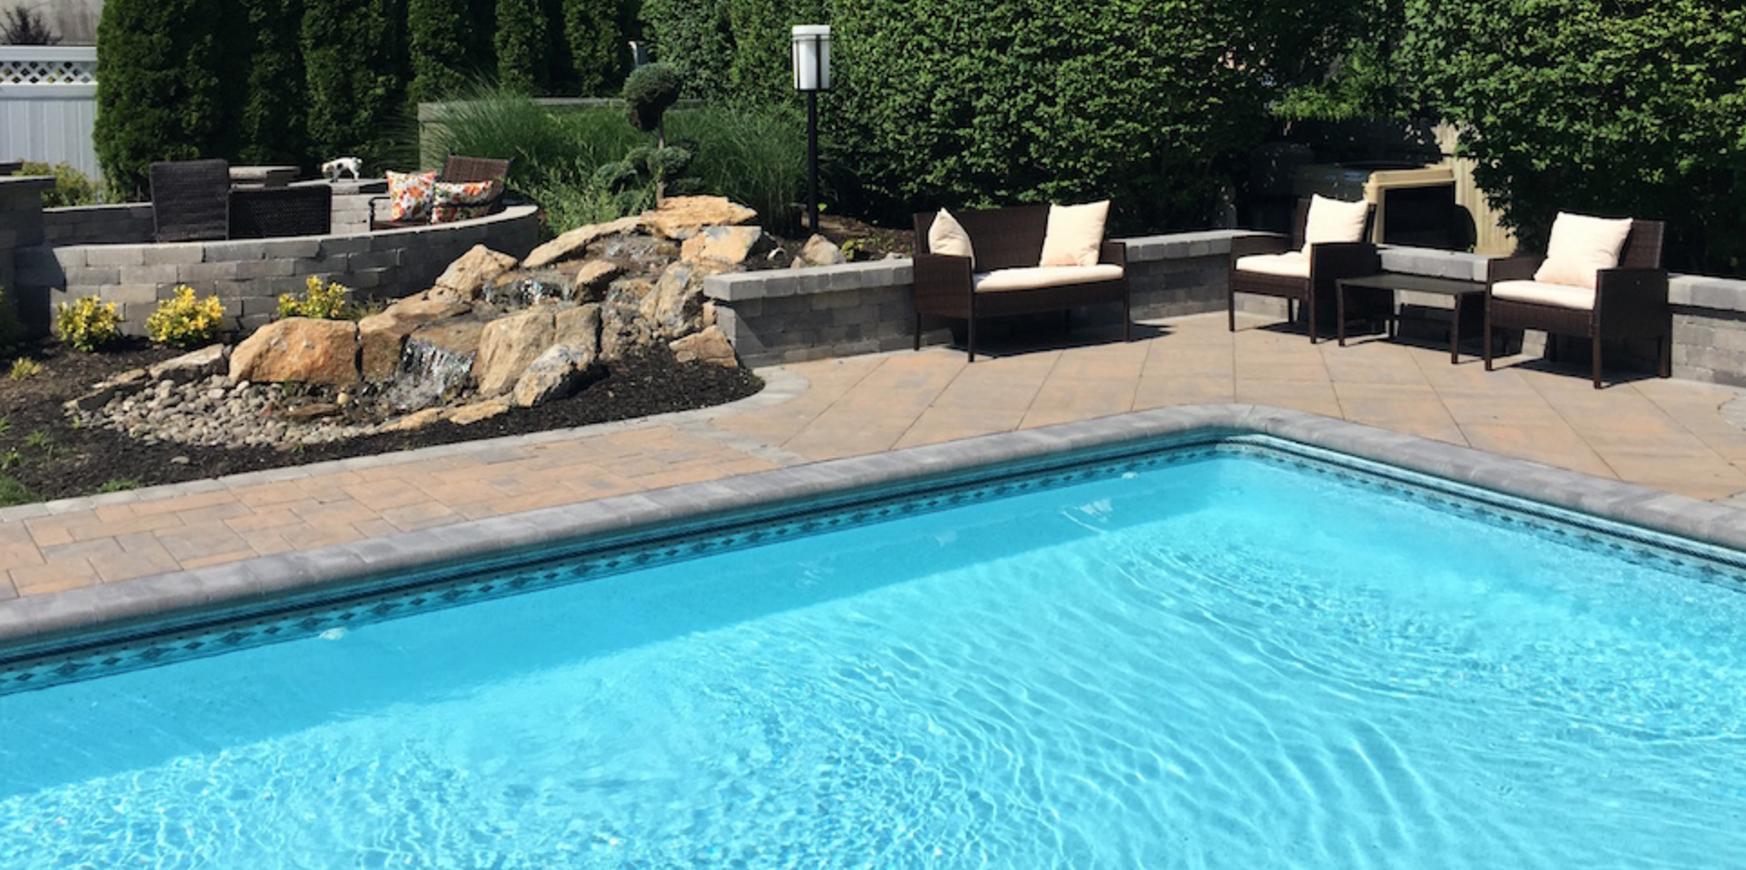 Holbrook, NY swimming pool patio